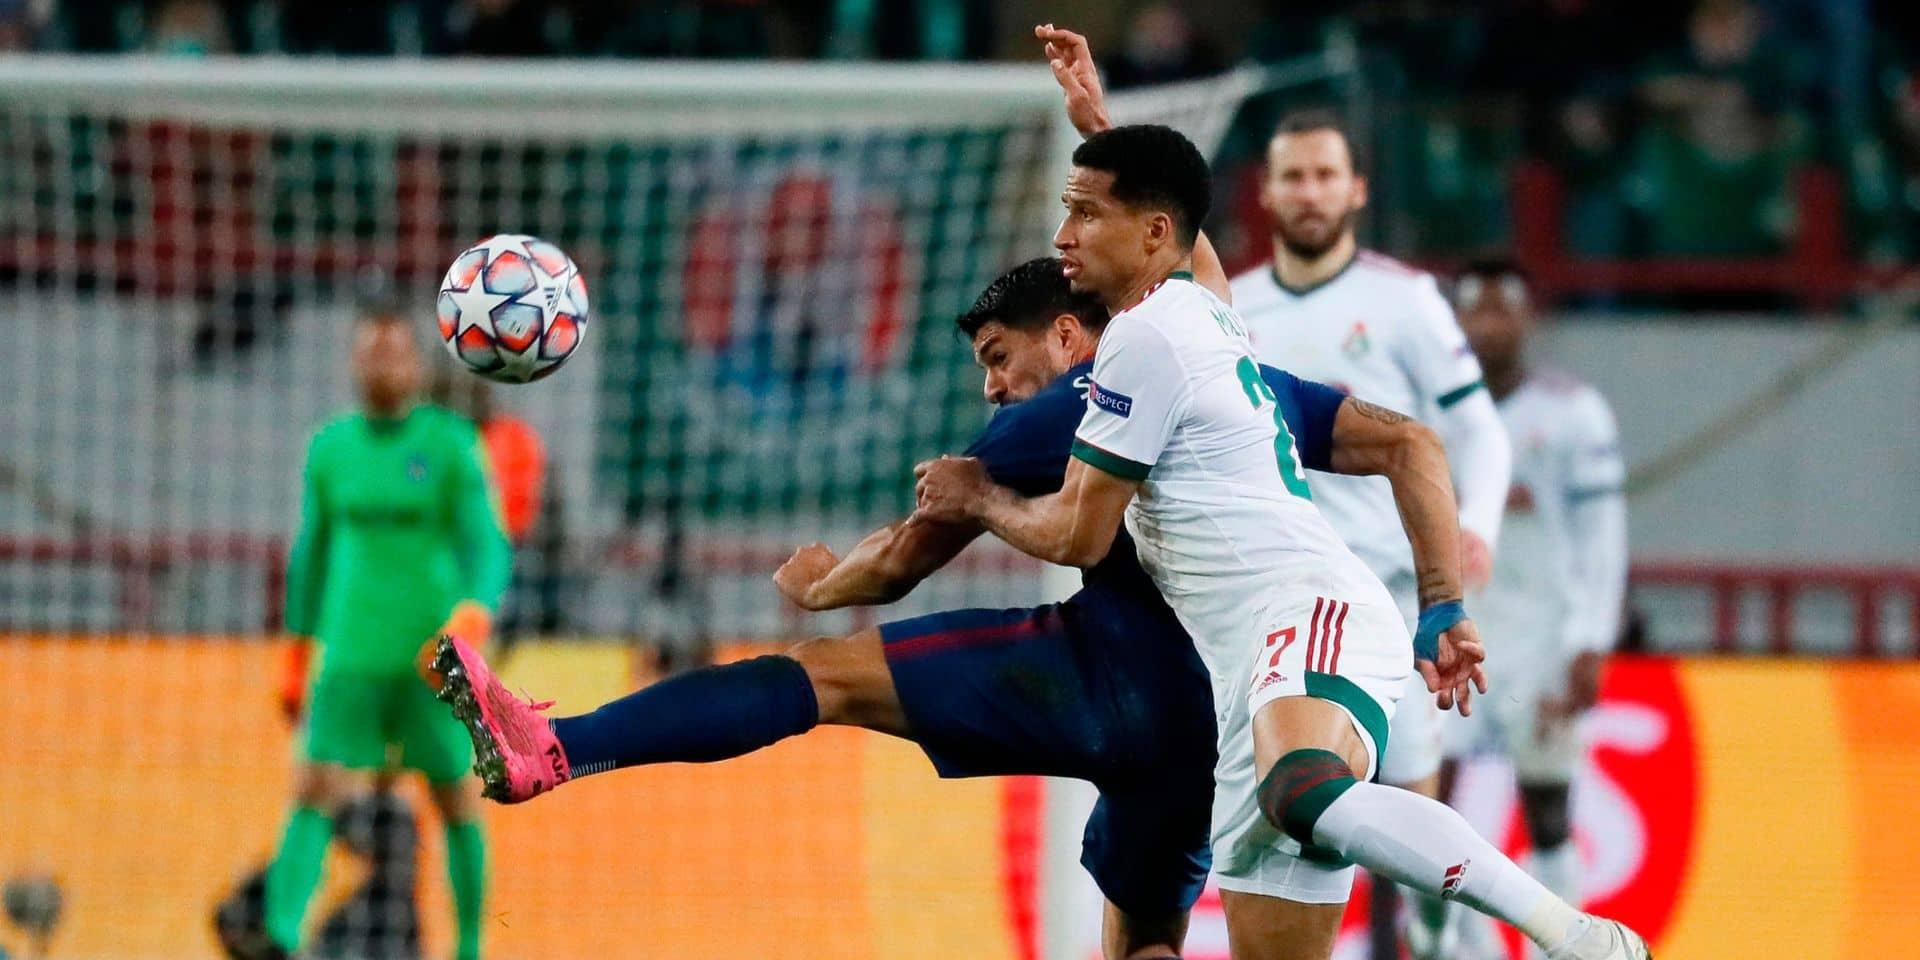 Ligue des Champions: l'Atlético partage au Lokomotiv Moscou (1-1), Glad'bach atomise le Shakhtar (0-6)